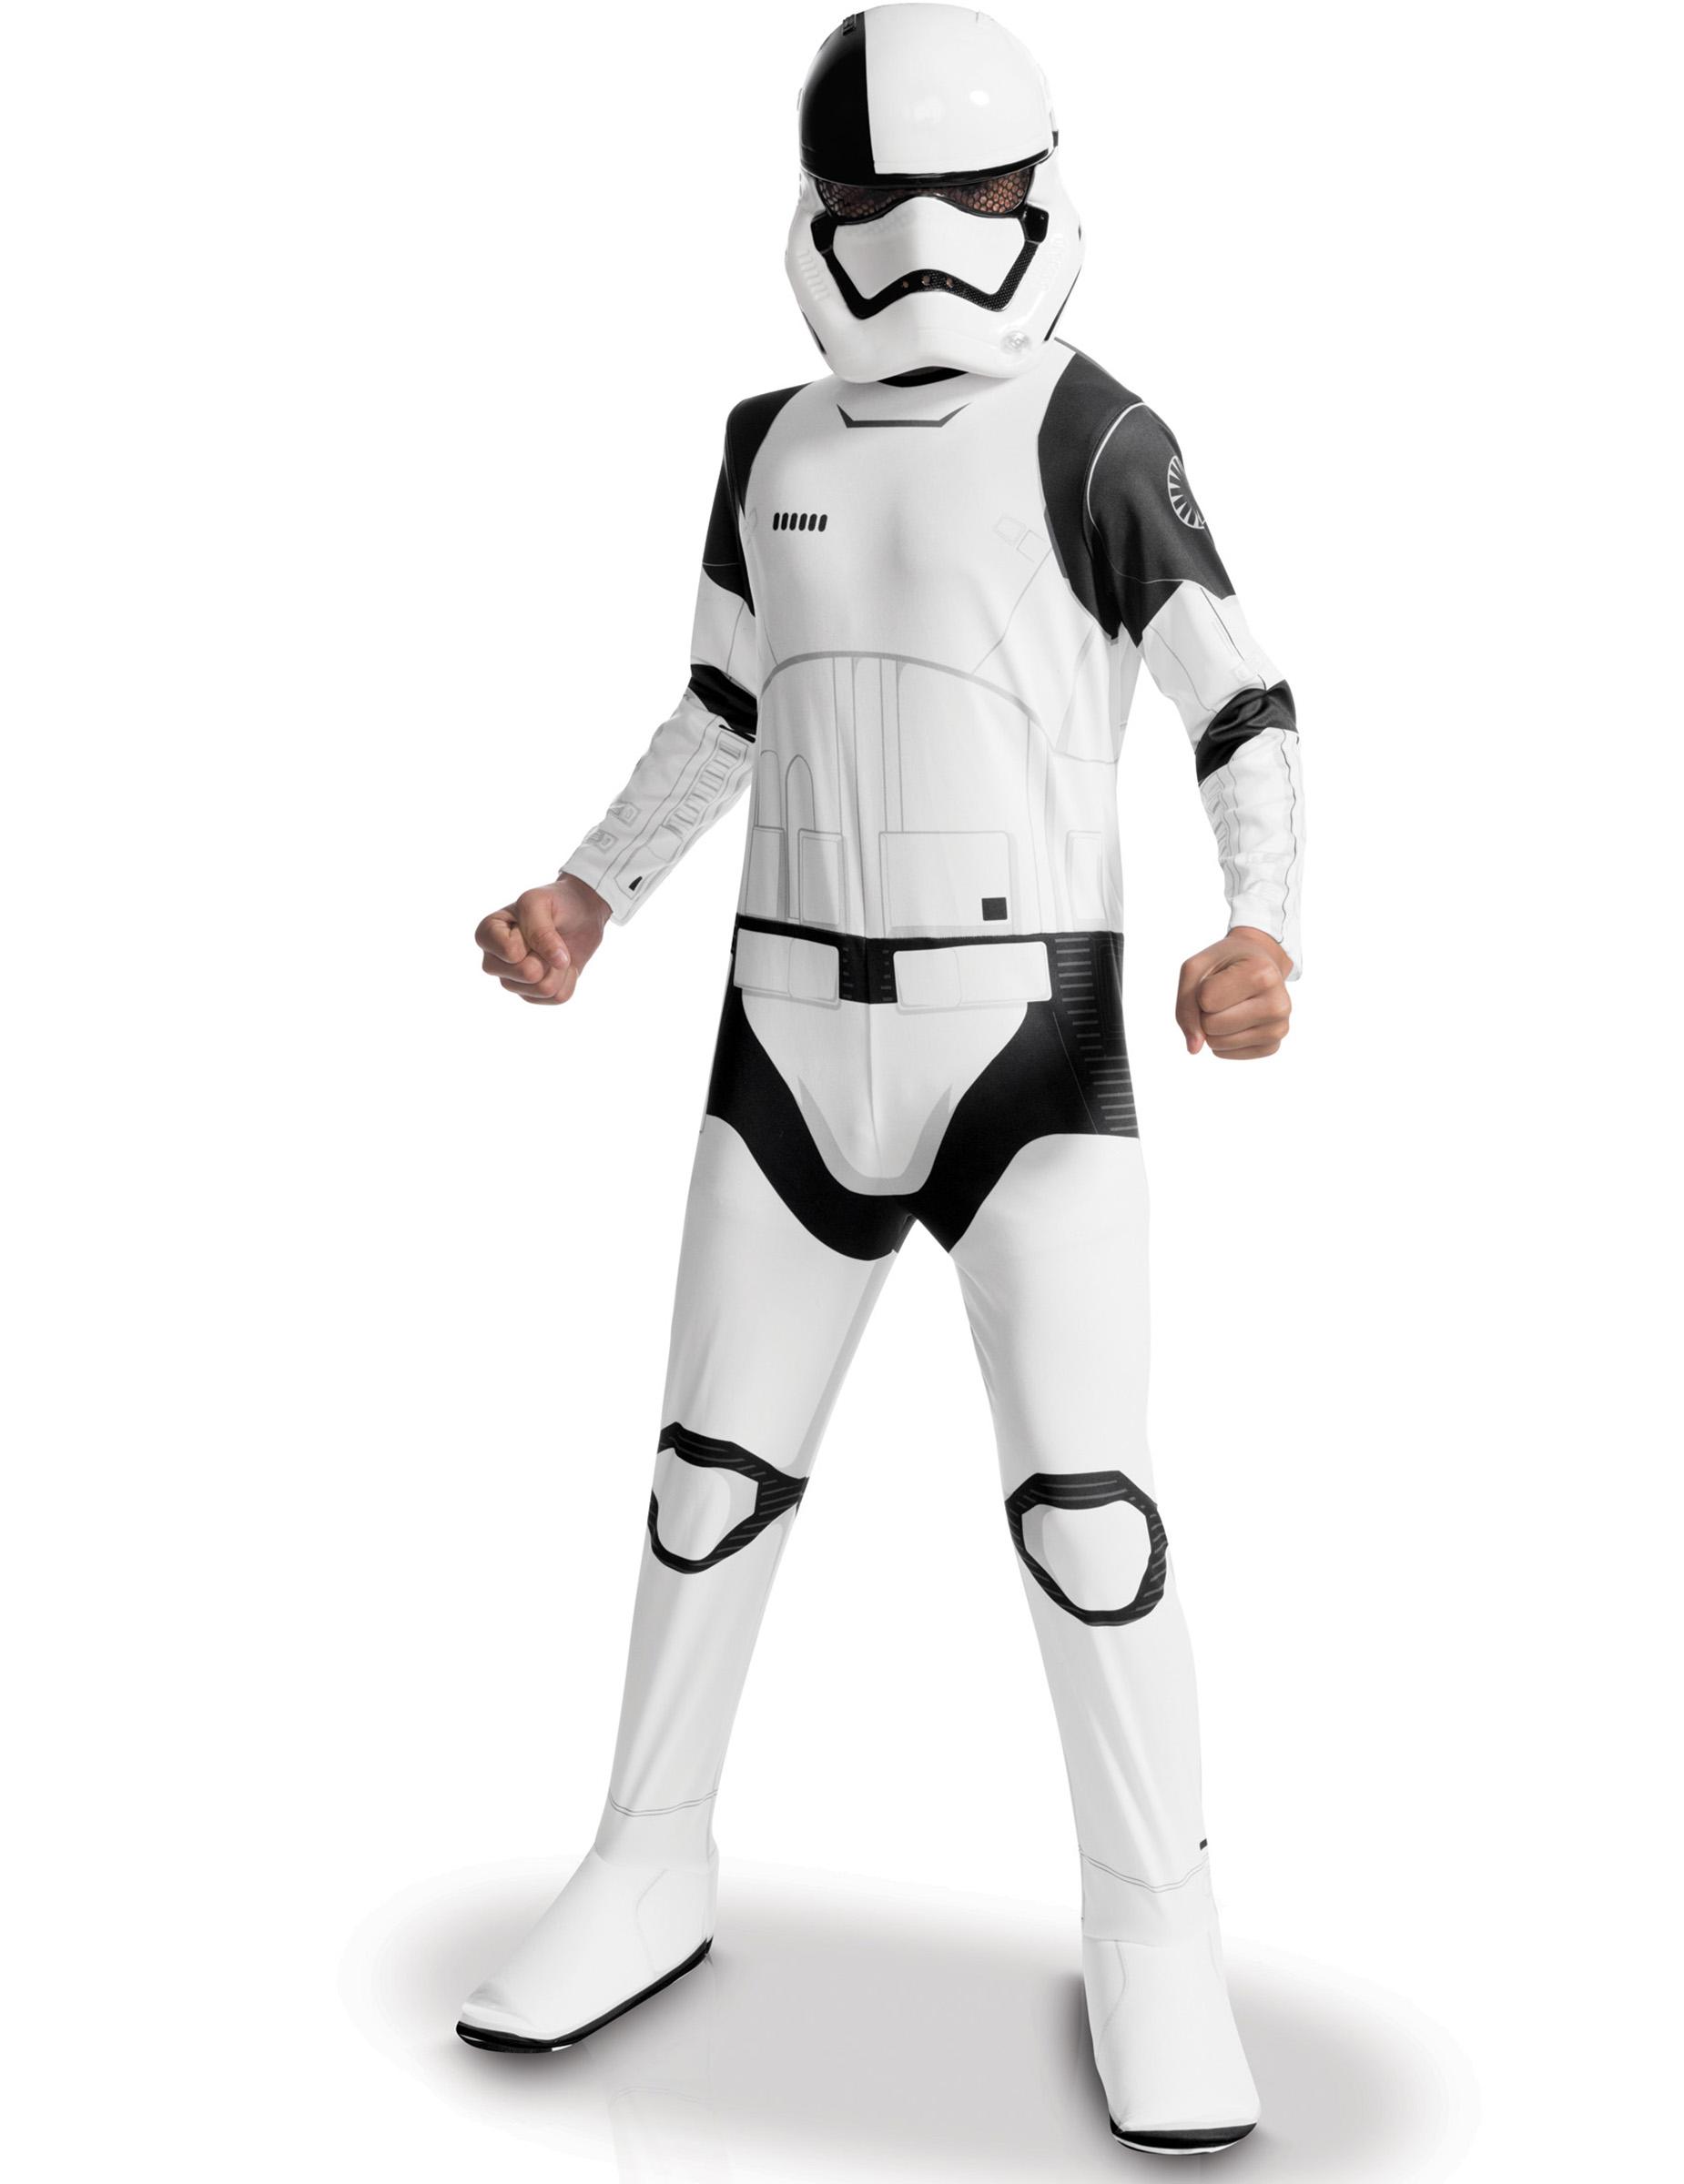 Star Wars Kostüm Kinder Star Wars Kostüm Jedi Deluxe Für Kinder